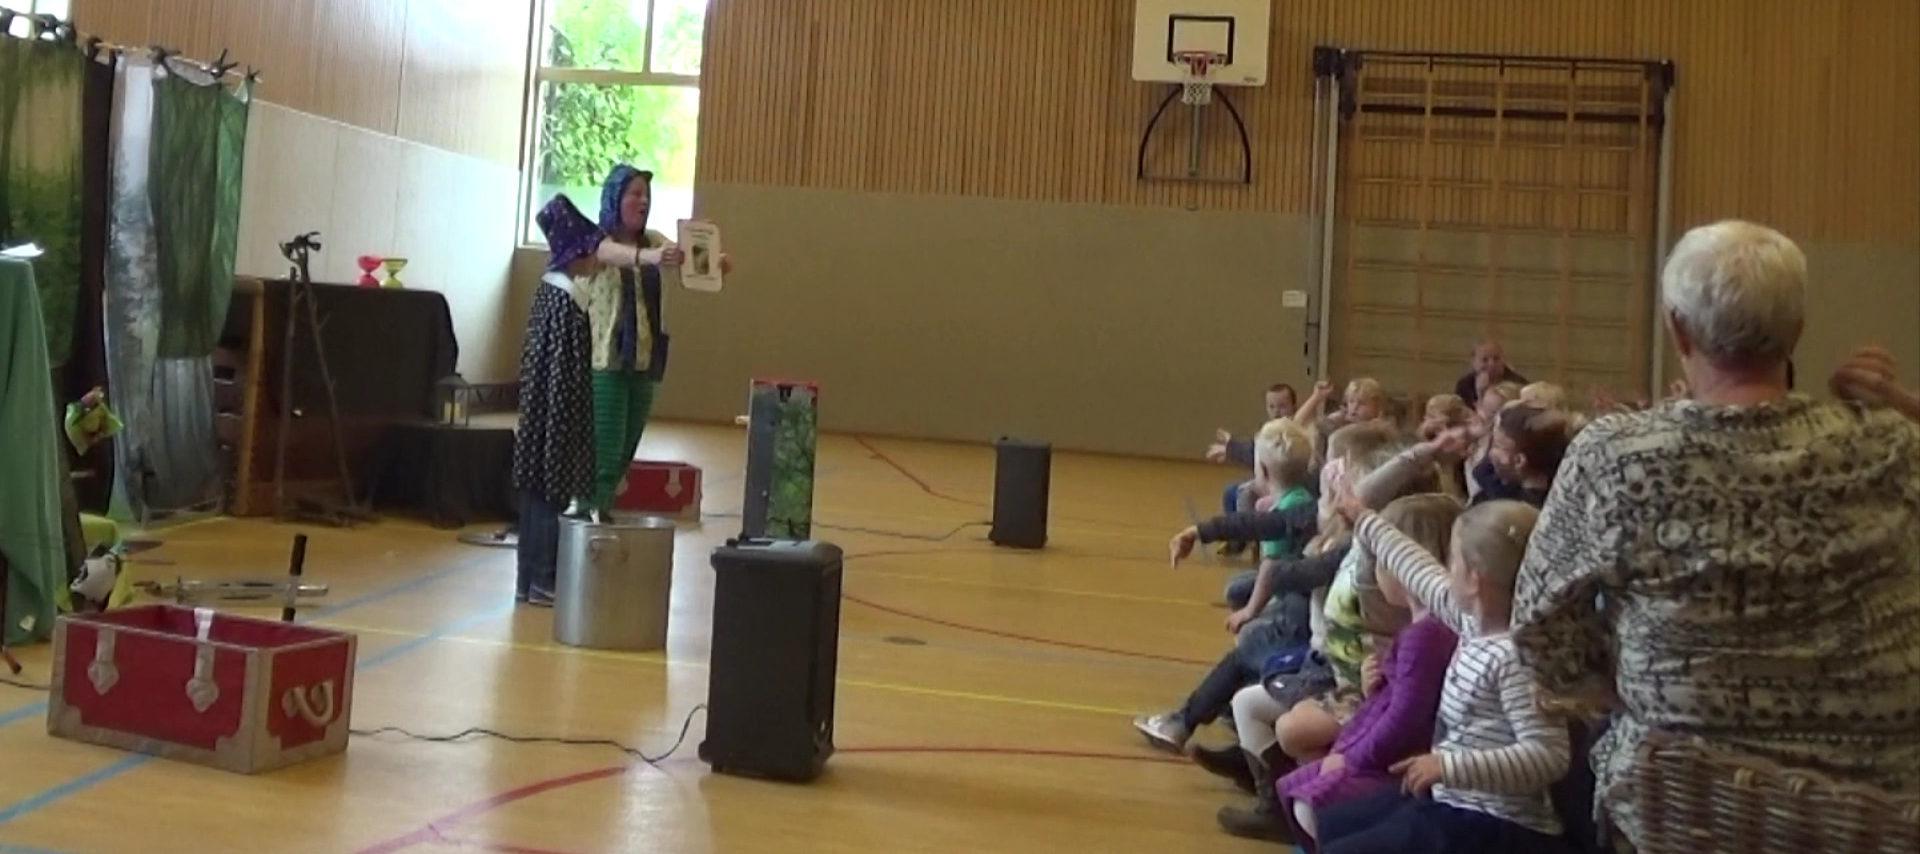 kindertheater kiko -kindervoorstelling het griezelbos